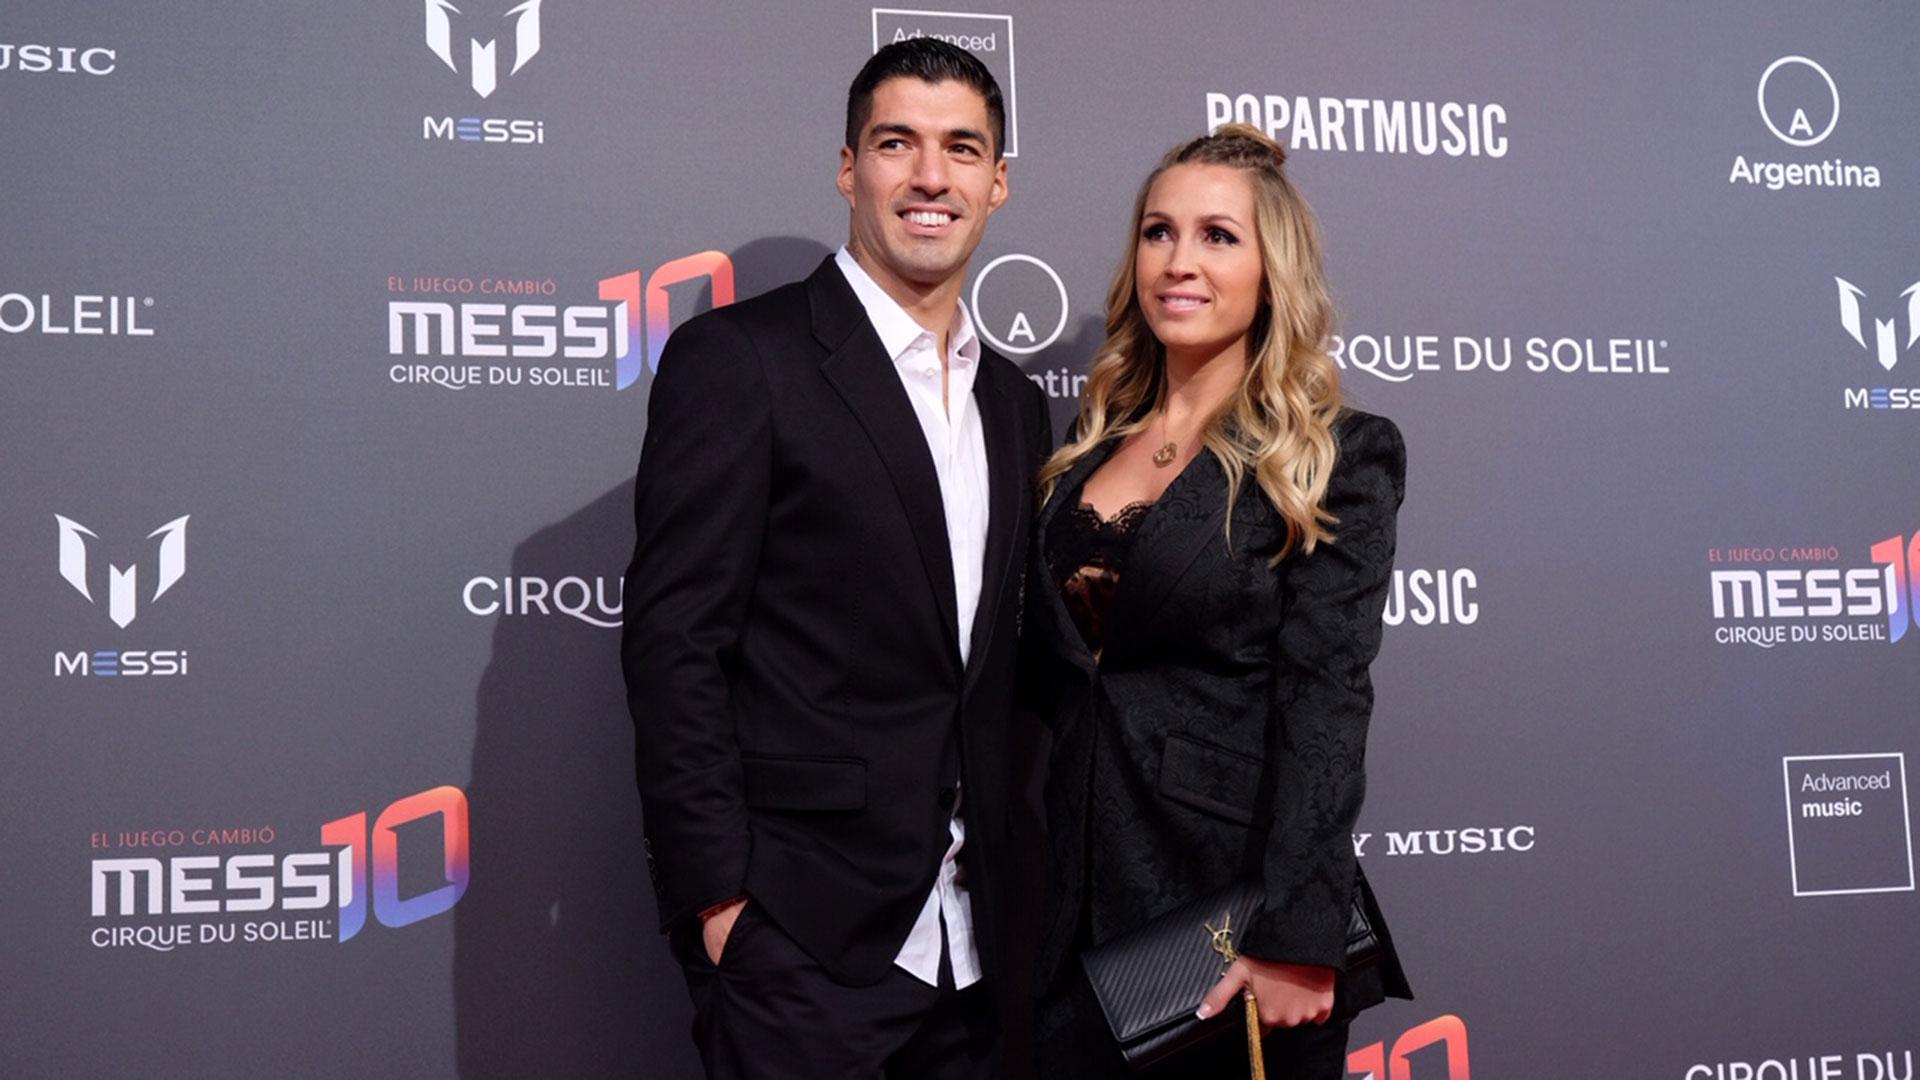 El futbolista del Barcelon FC Luis Suárez y su esposa,Sofia Balbi